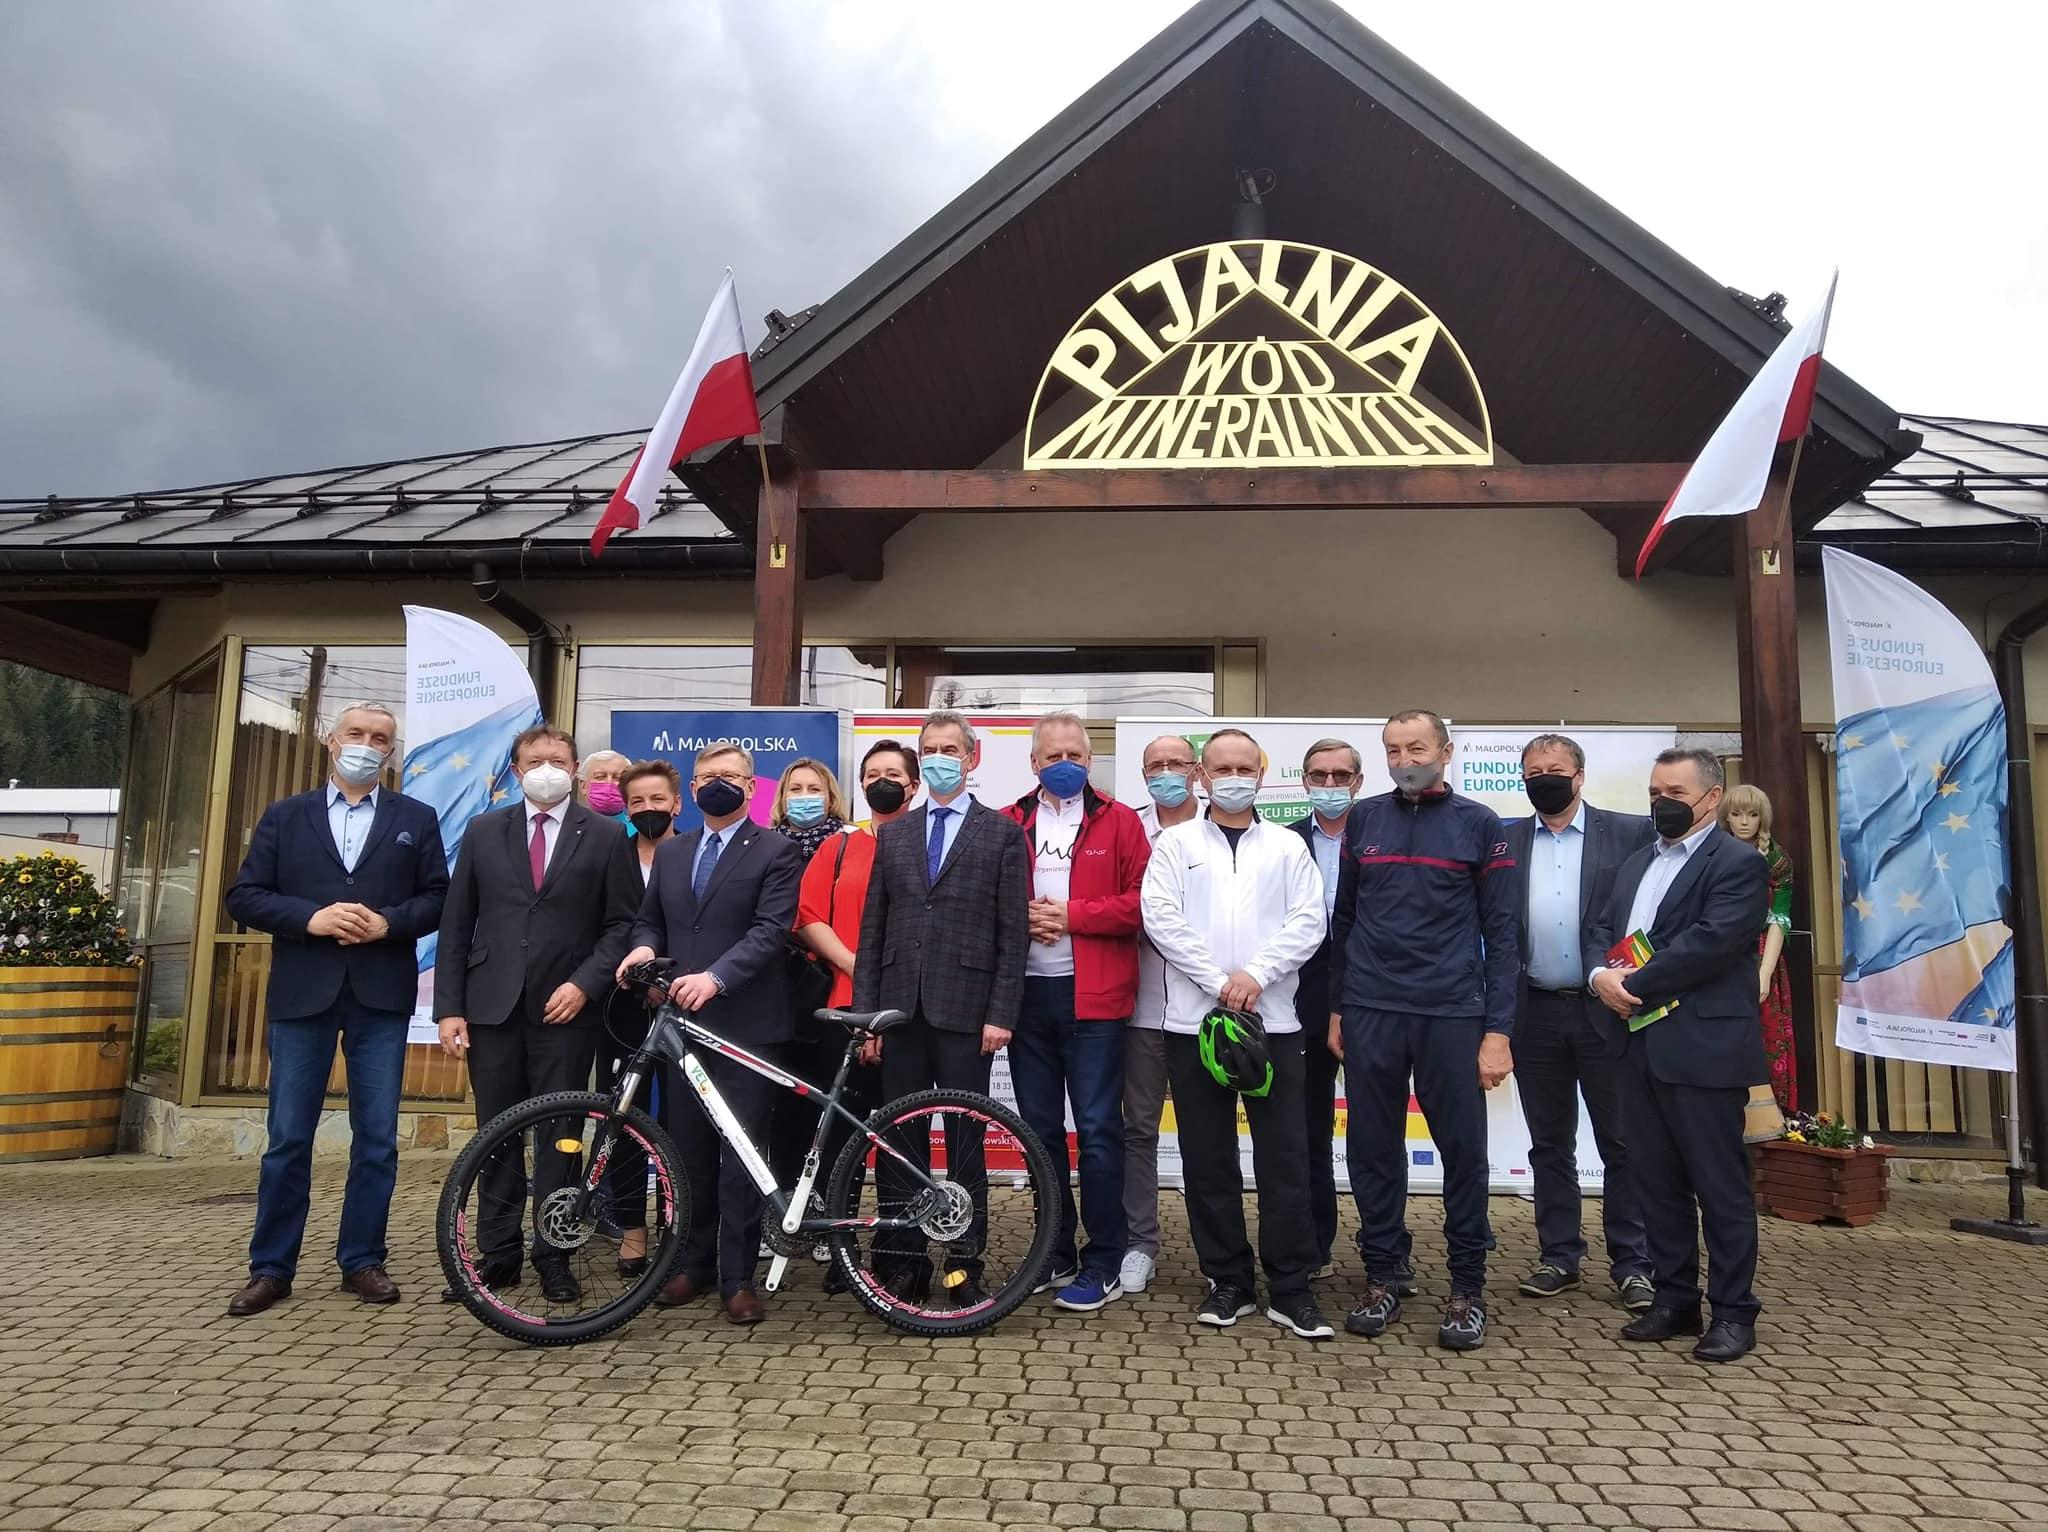 Nowe szlaki turystyczne VELO Limanowski oficjalnie odebrane - zdjęcie główne